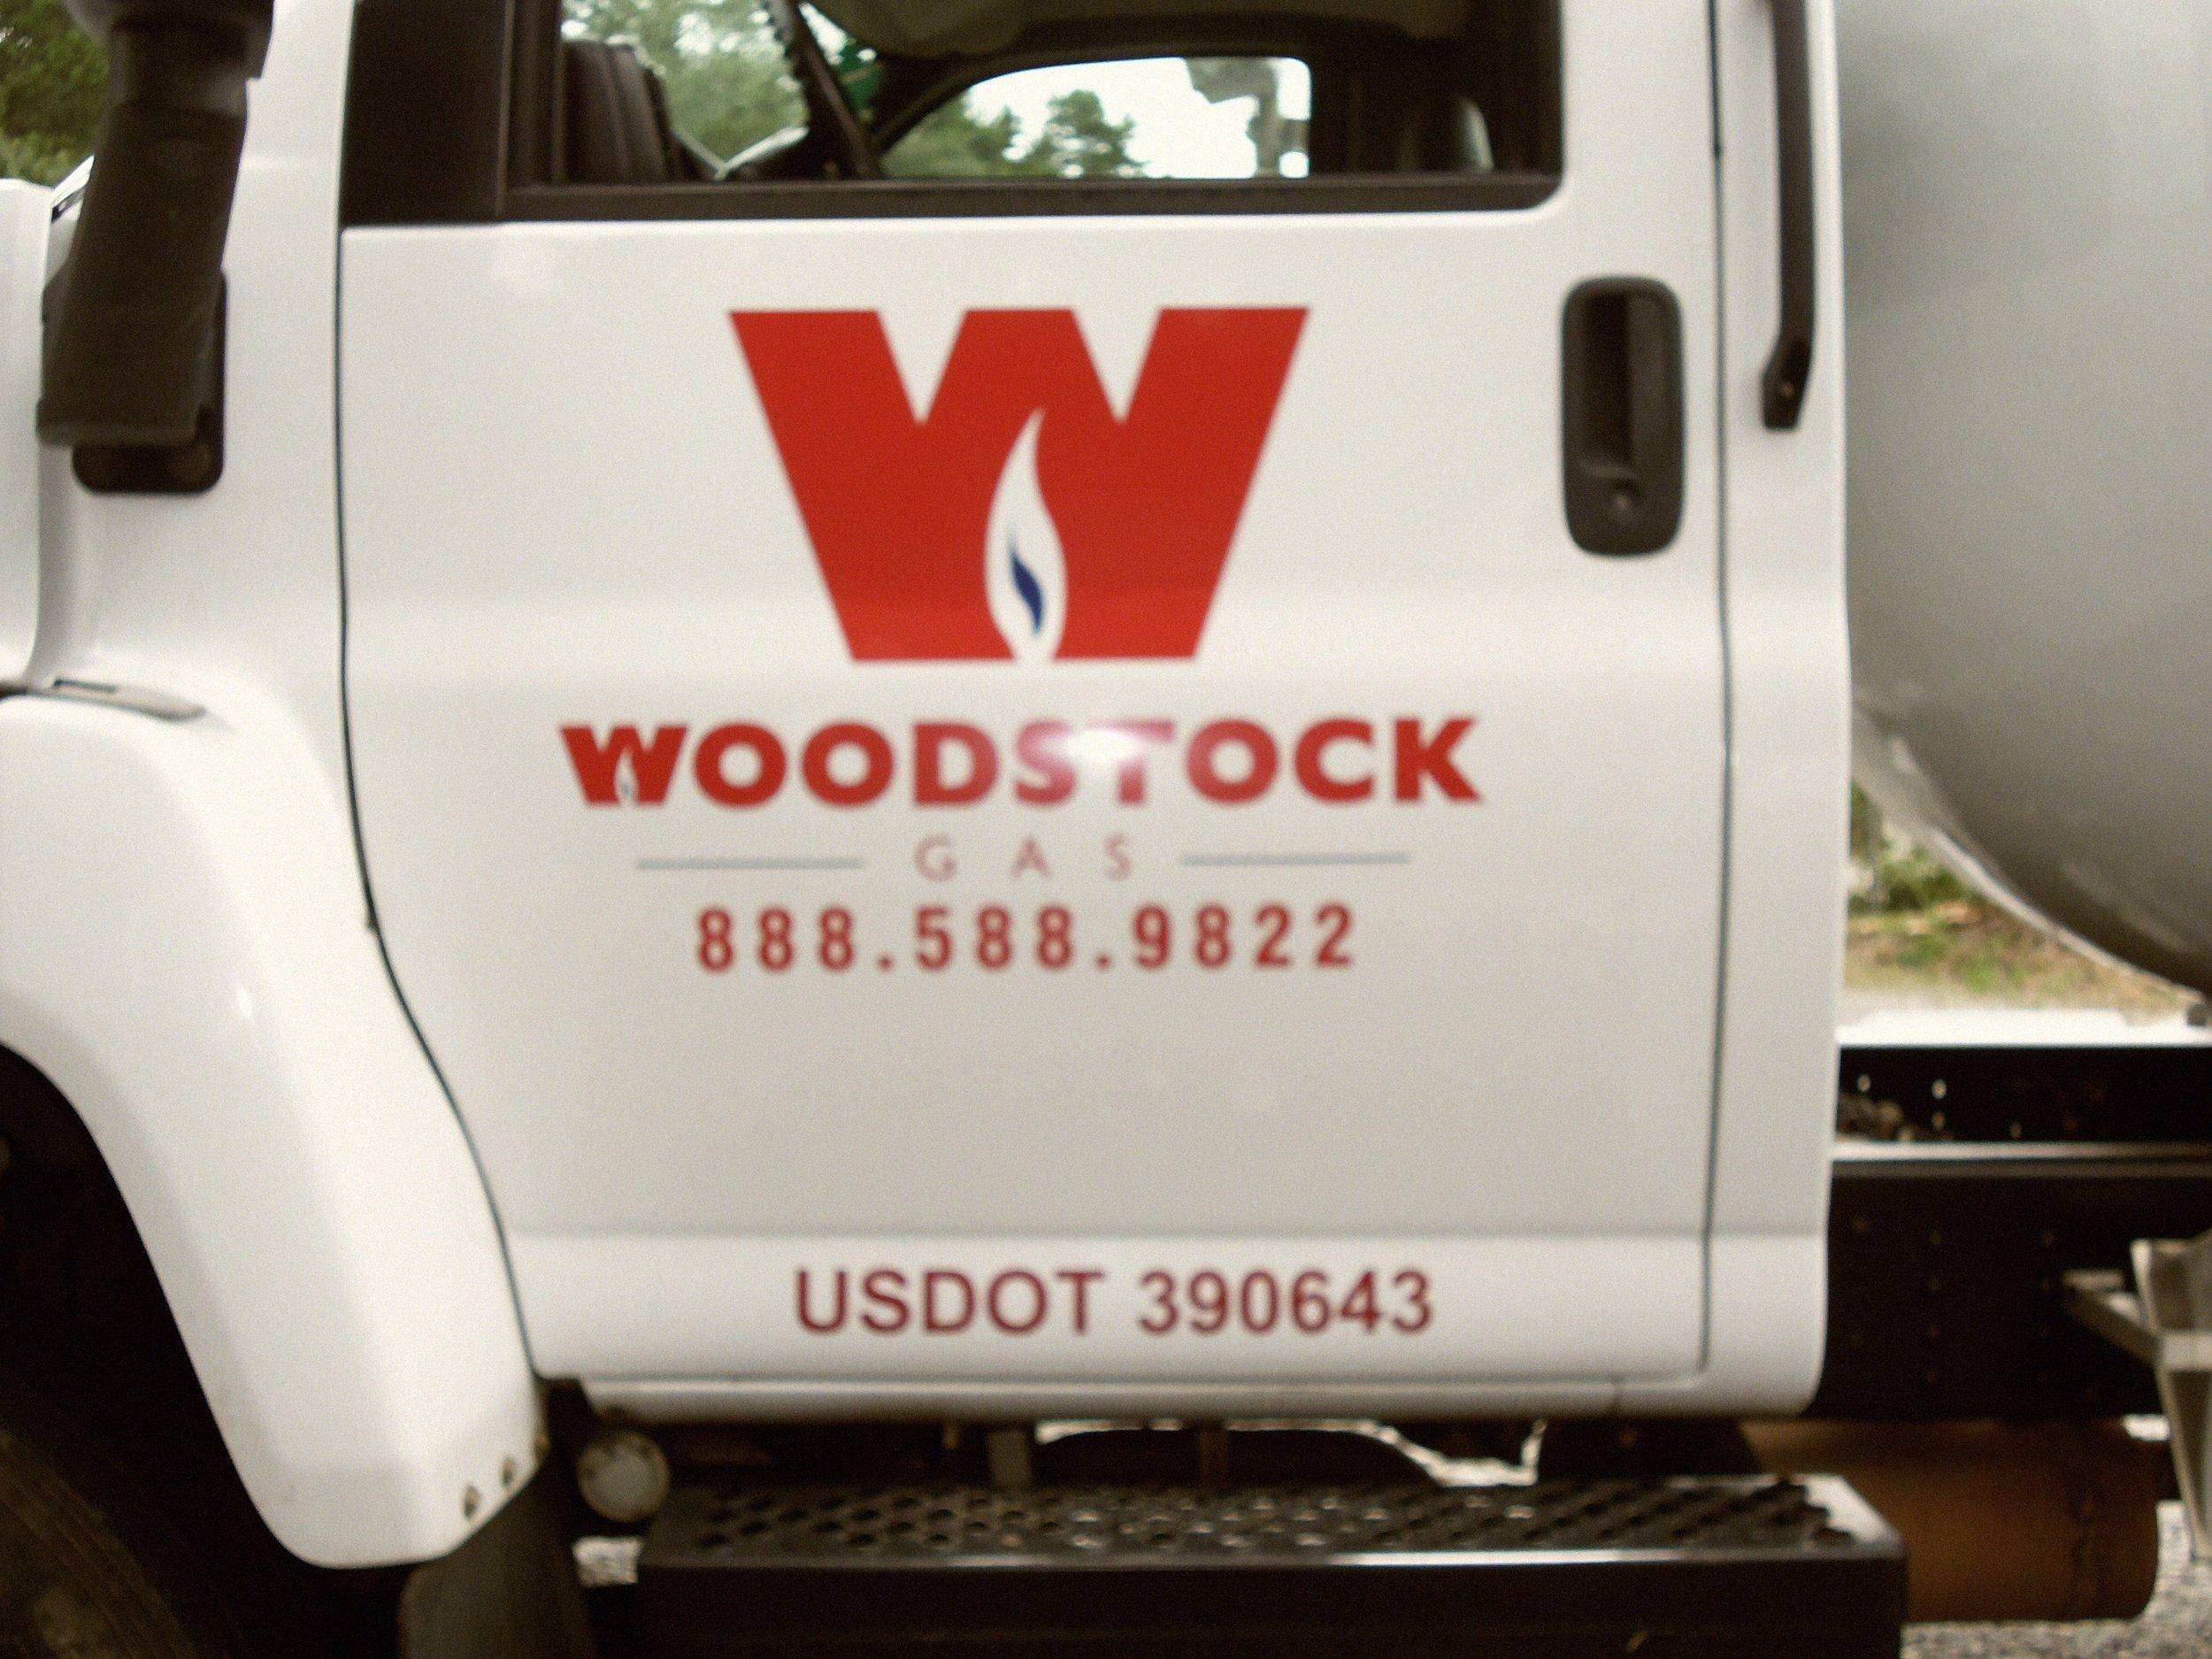 woodstock gas 2.JPG